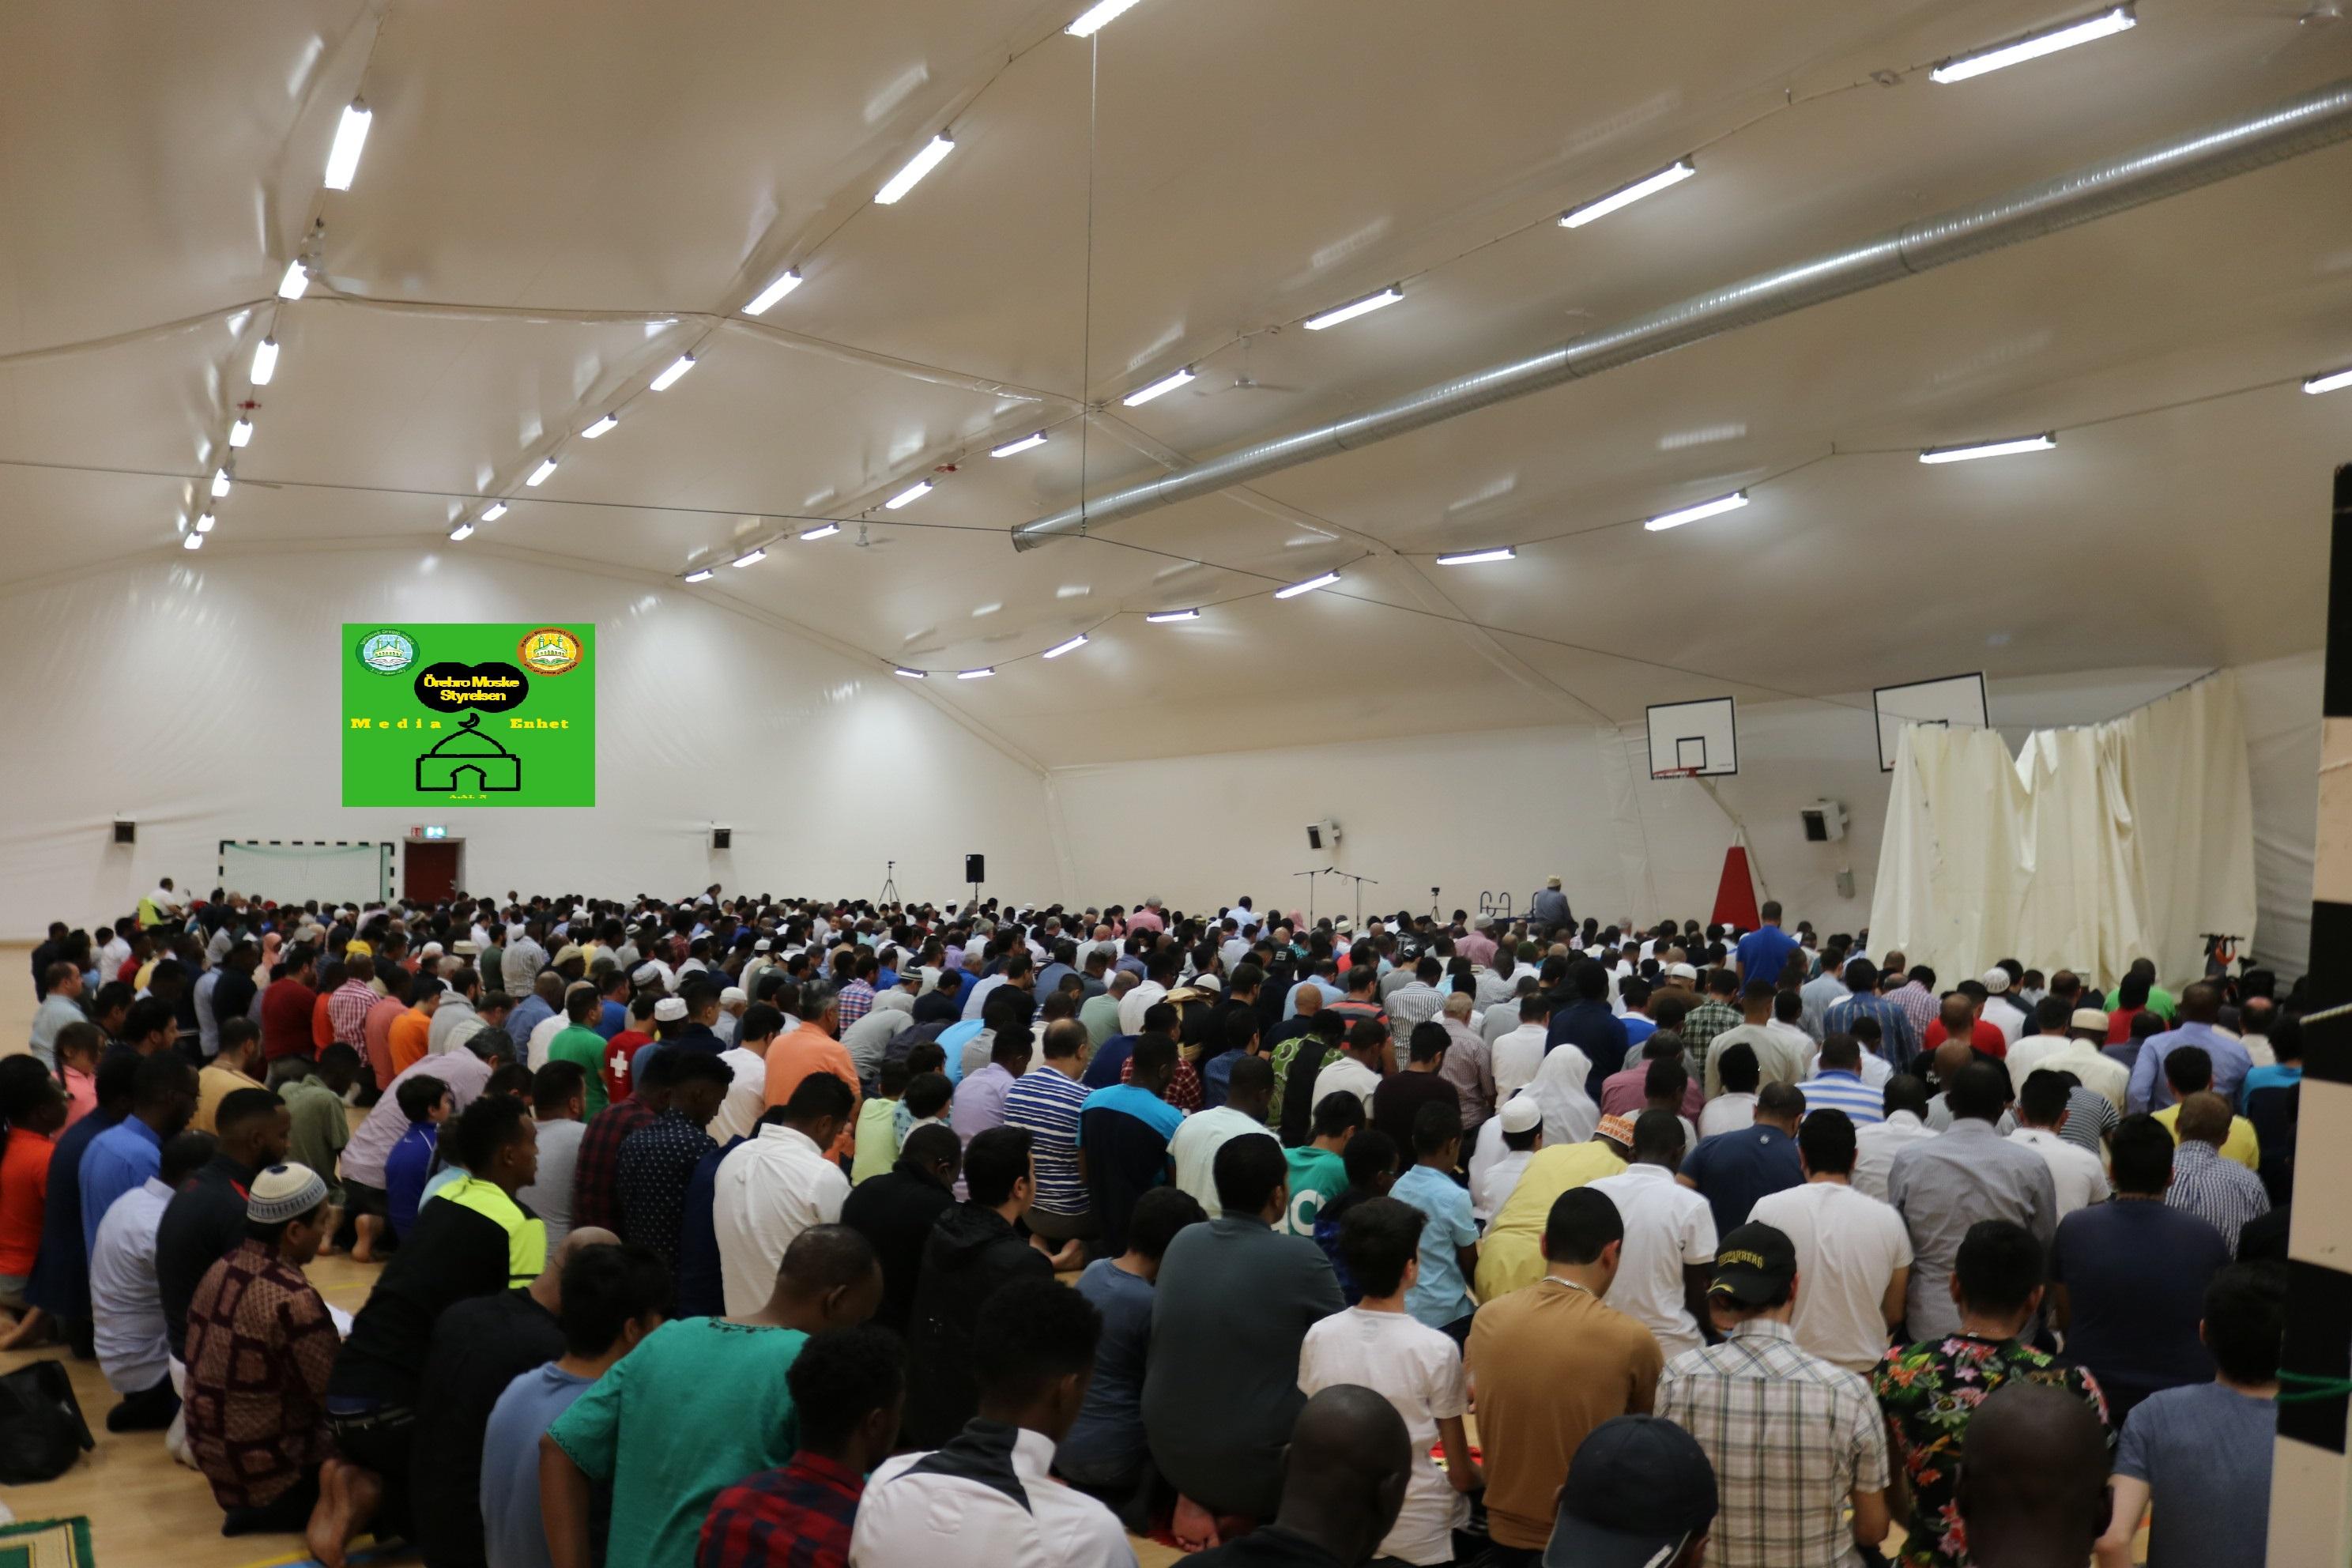 العام ومكانته *************************** 10/08/2018 *************************** Shikh Abu Husam Hariri *************************** Friday Bön - Friday Prayers صلاة الجمعة *************************** FILMED ON LOCATION *************************** Ballonghallen i Örebro